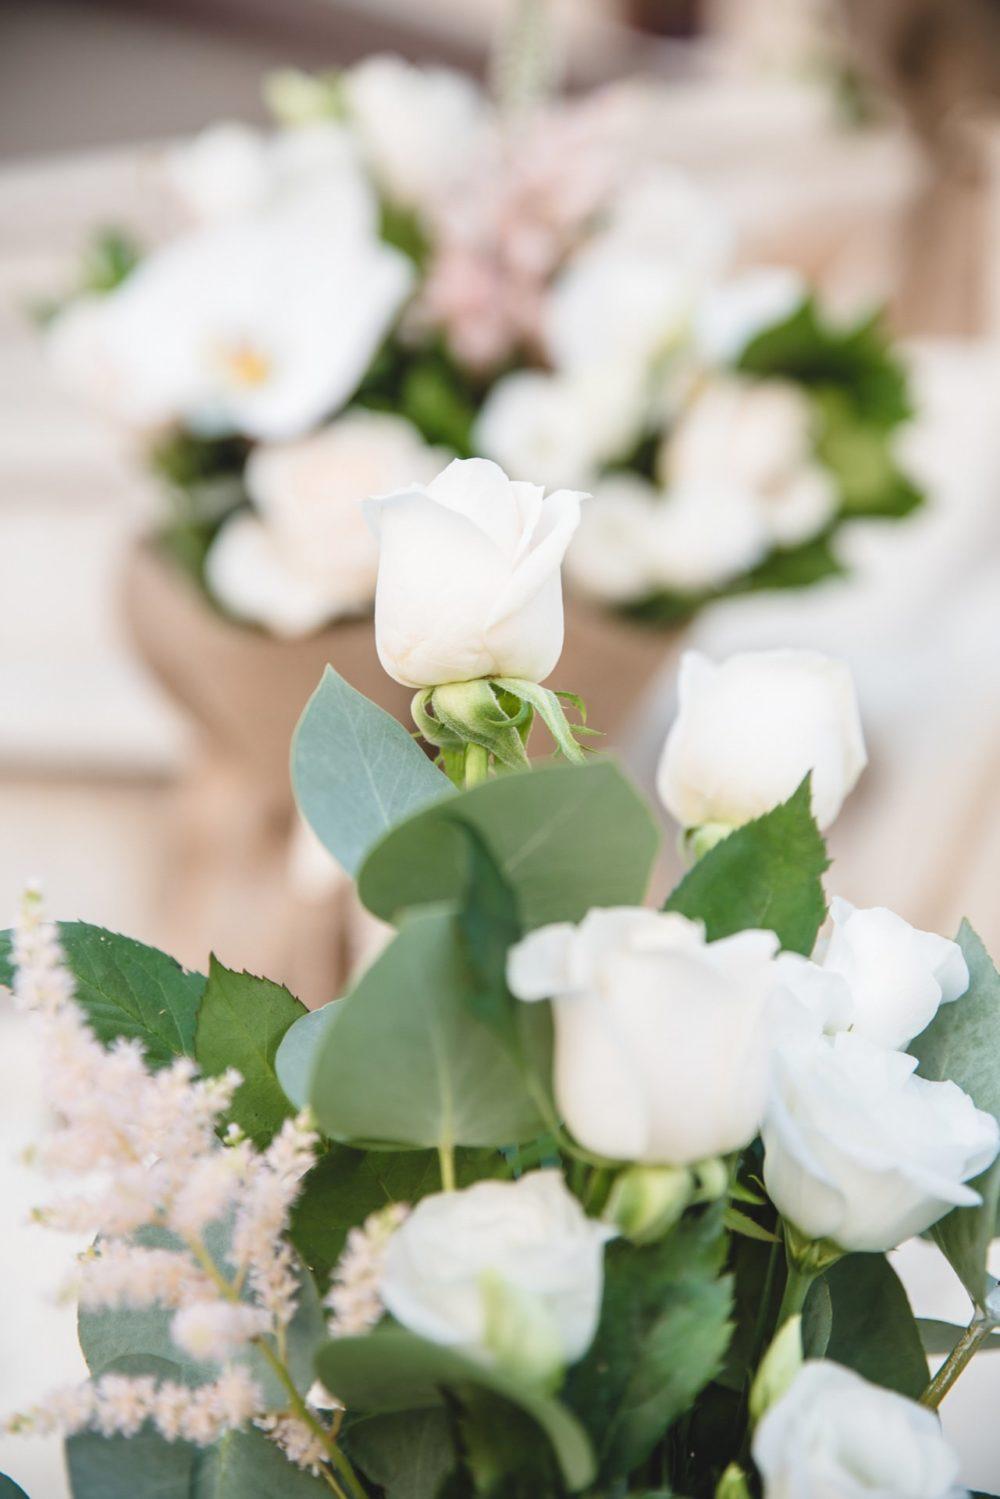 Fotografisi Gamou Wedding Gamos Fotografos Ilias & Dimitra042